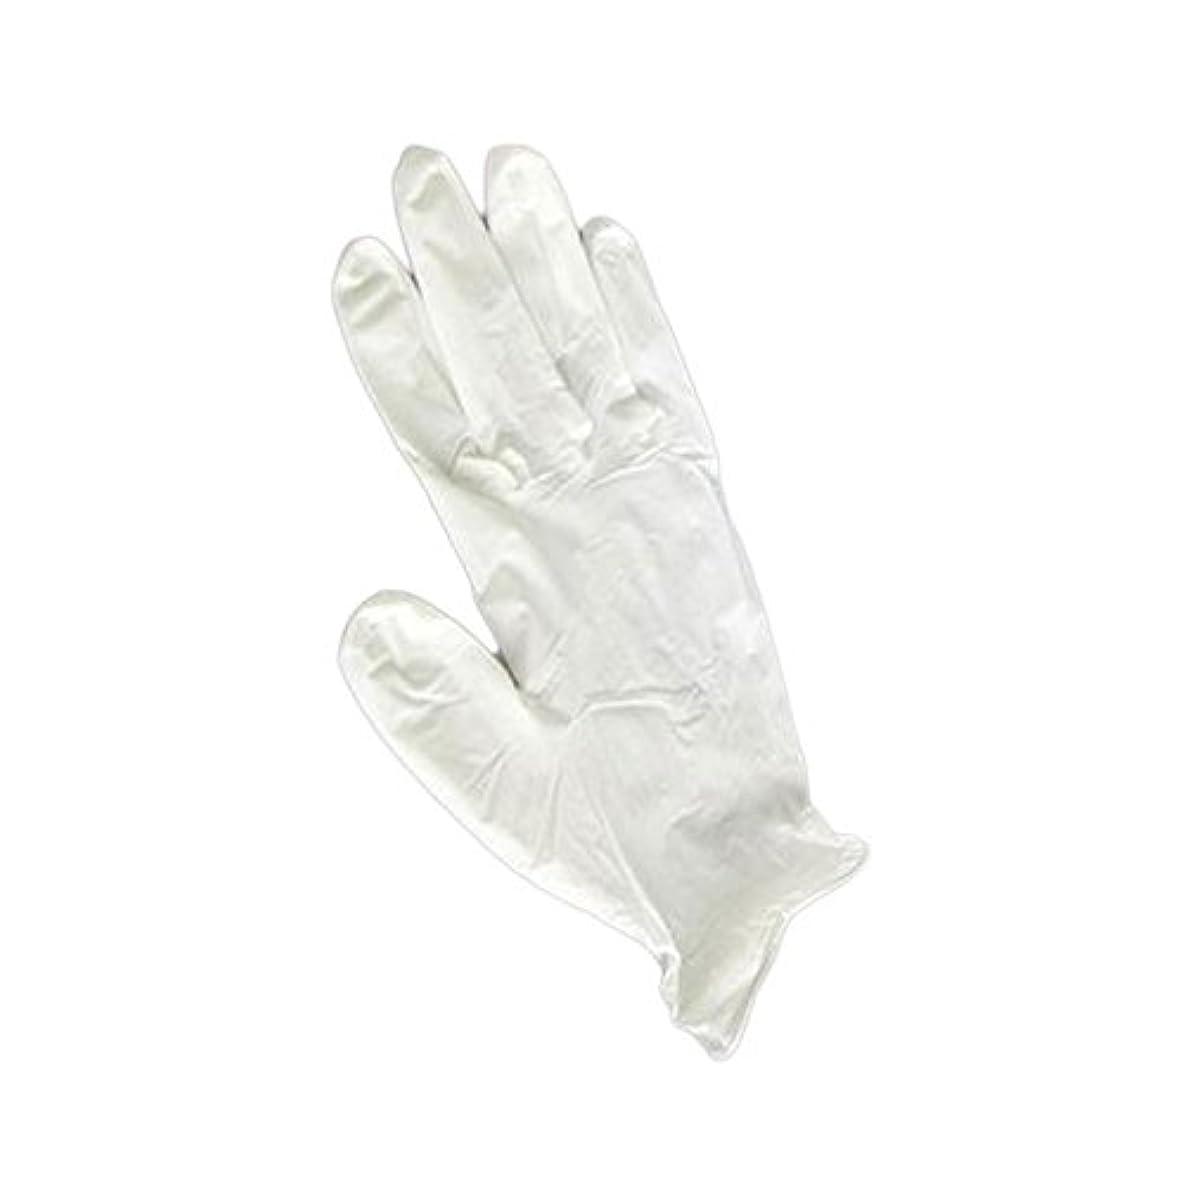 概要読み書きのできないルーフ三高サプライ ニトリルグローブ(ゴム手袋) パウダーフリー BOXタイプ ダーマホワイト 100枚入り GN01 S